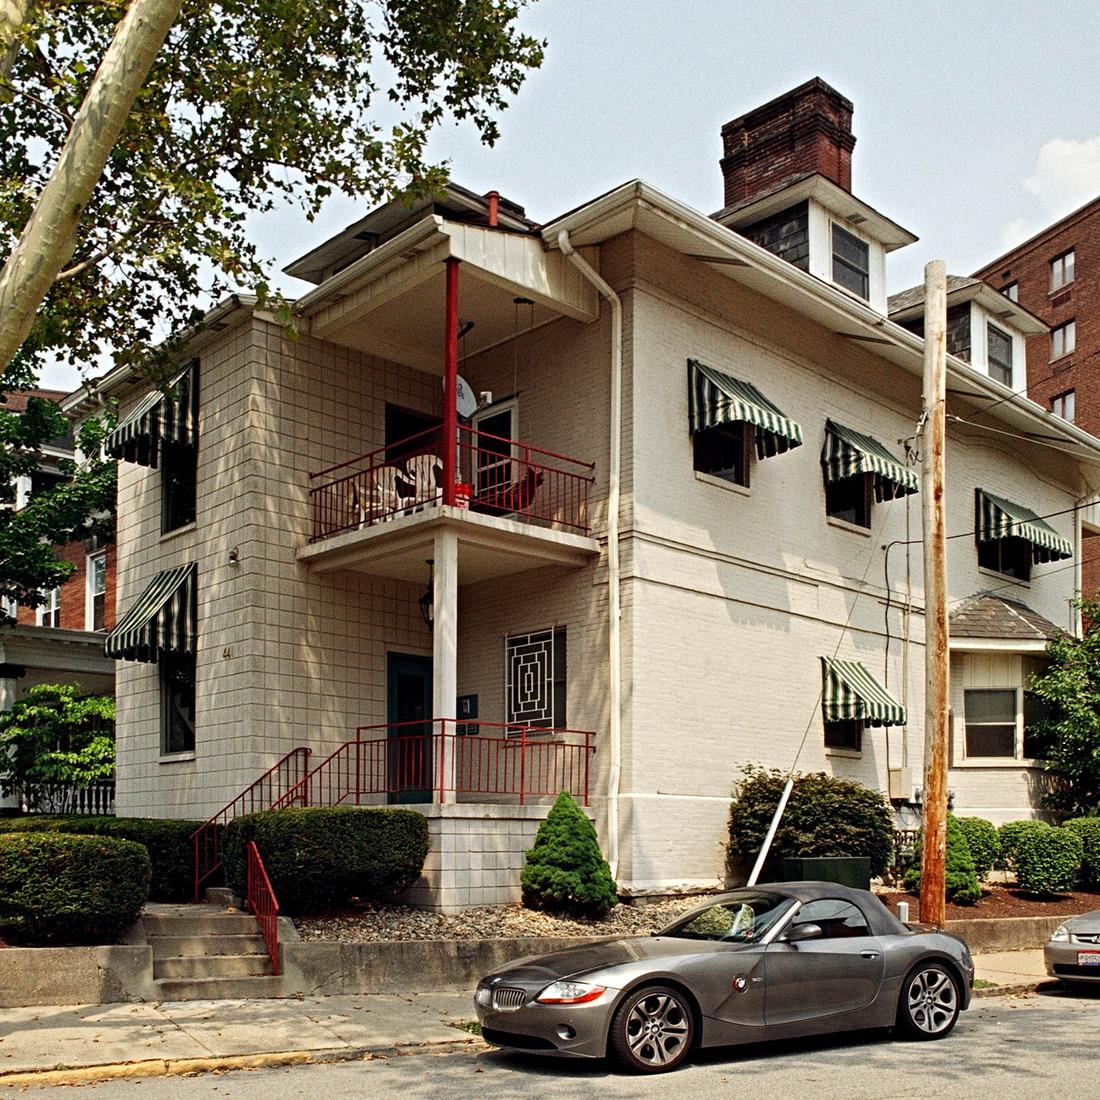 441 Shady Avenue